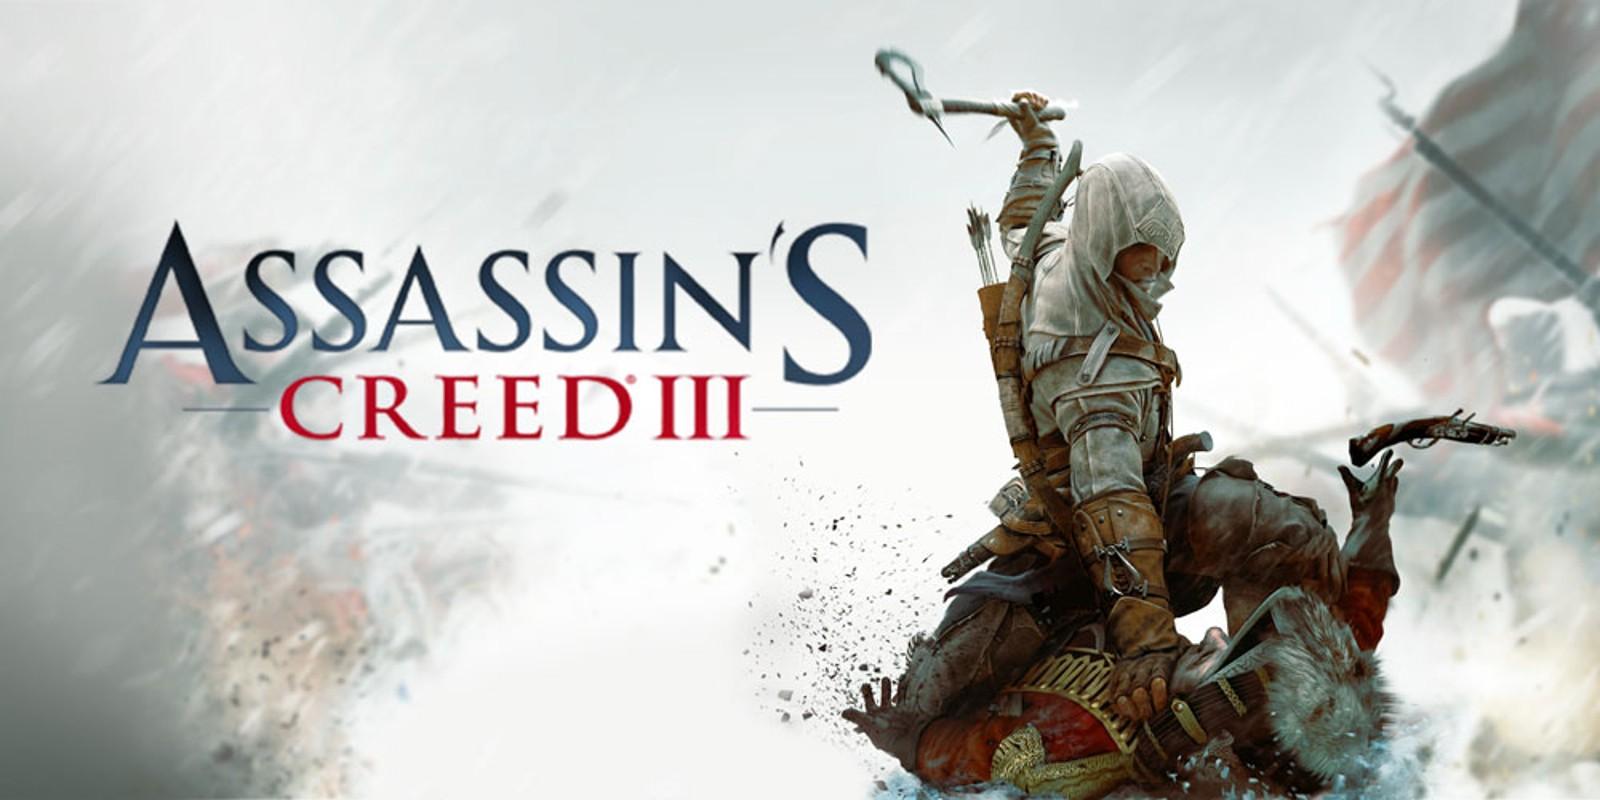 111307-SI_WiiU_AssassinsCreed3_image1600